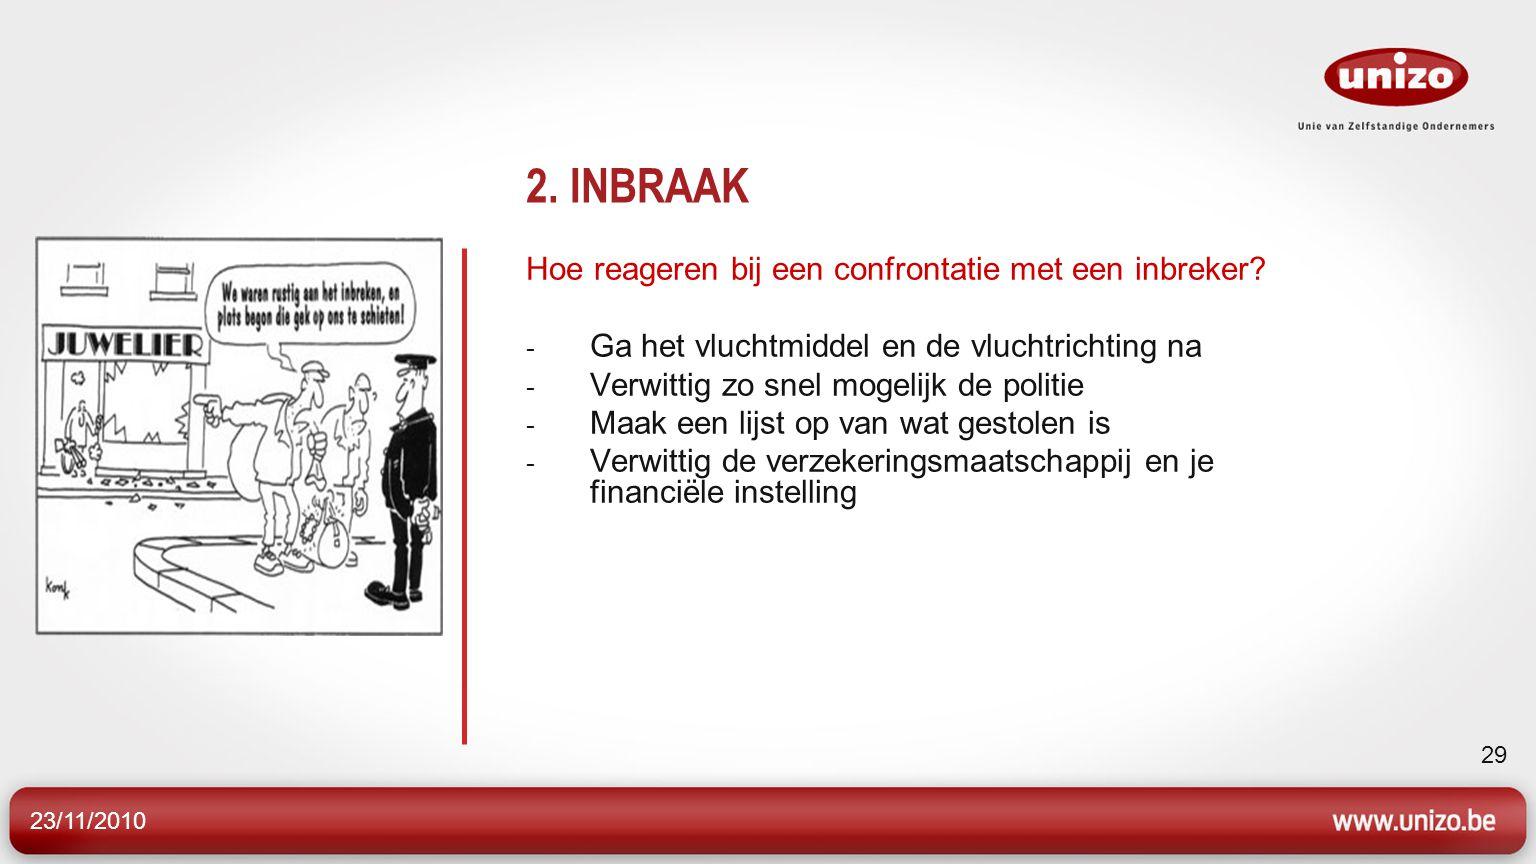 2. INBRAAK Hoe reageren bij een confrontatie met een inbreker